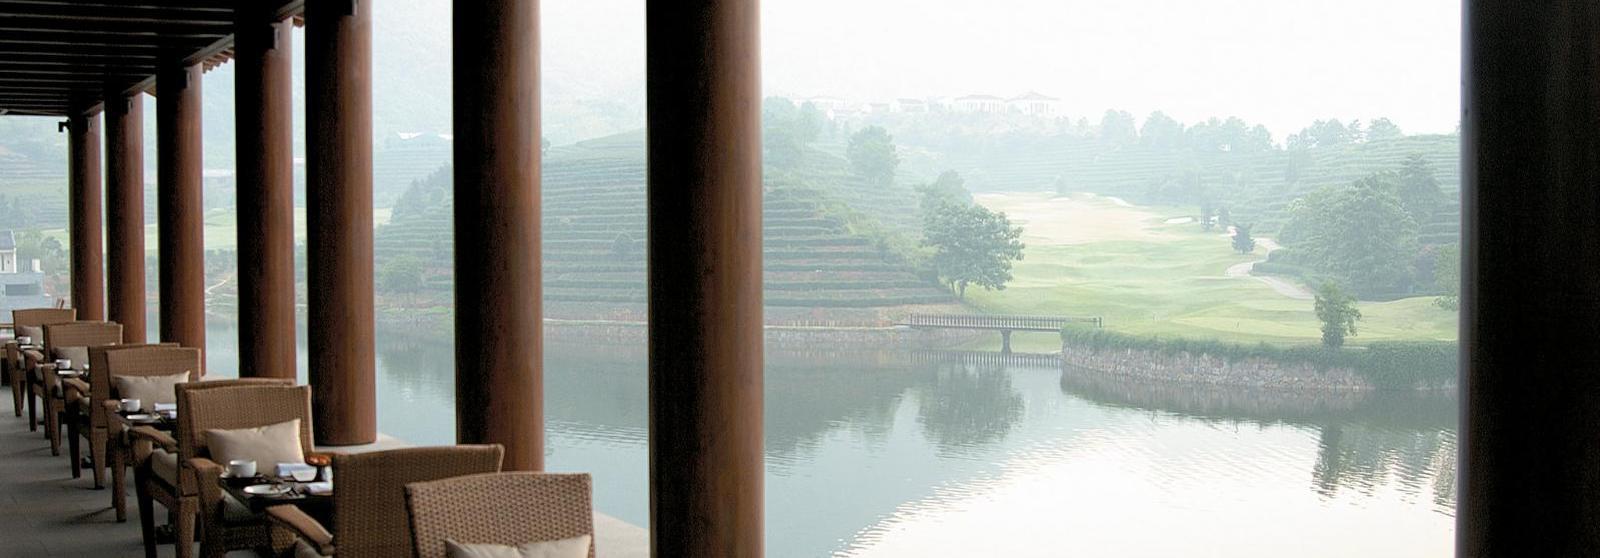 富春山居度假村(Fuchun Resort Hangzhou) 图片  www.lhw.cn